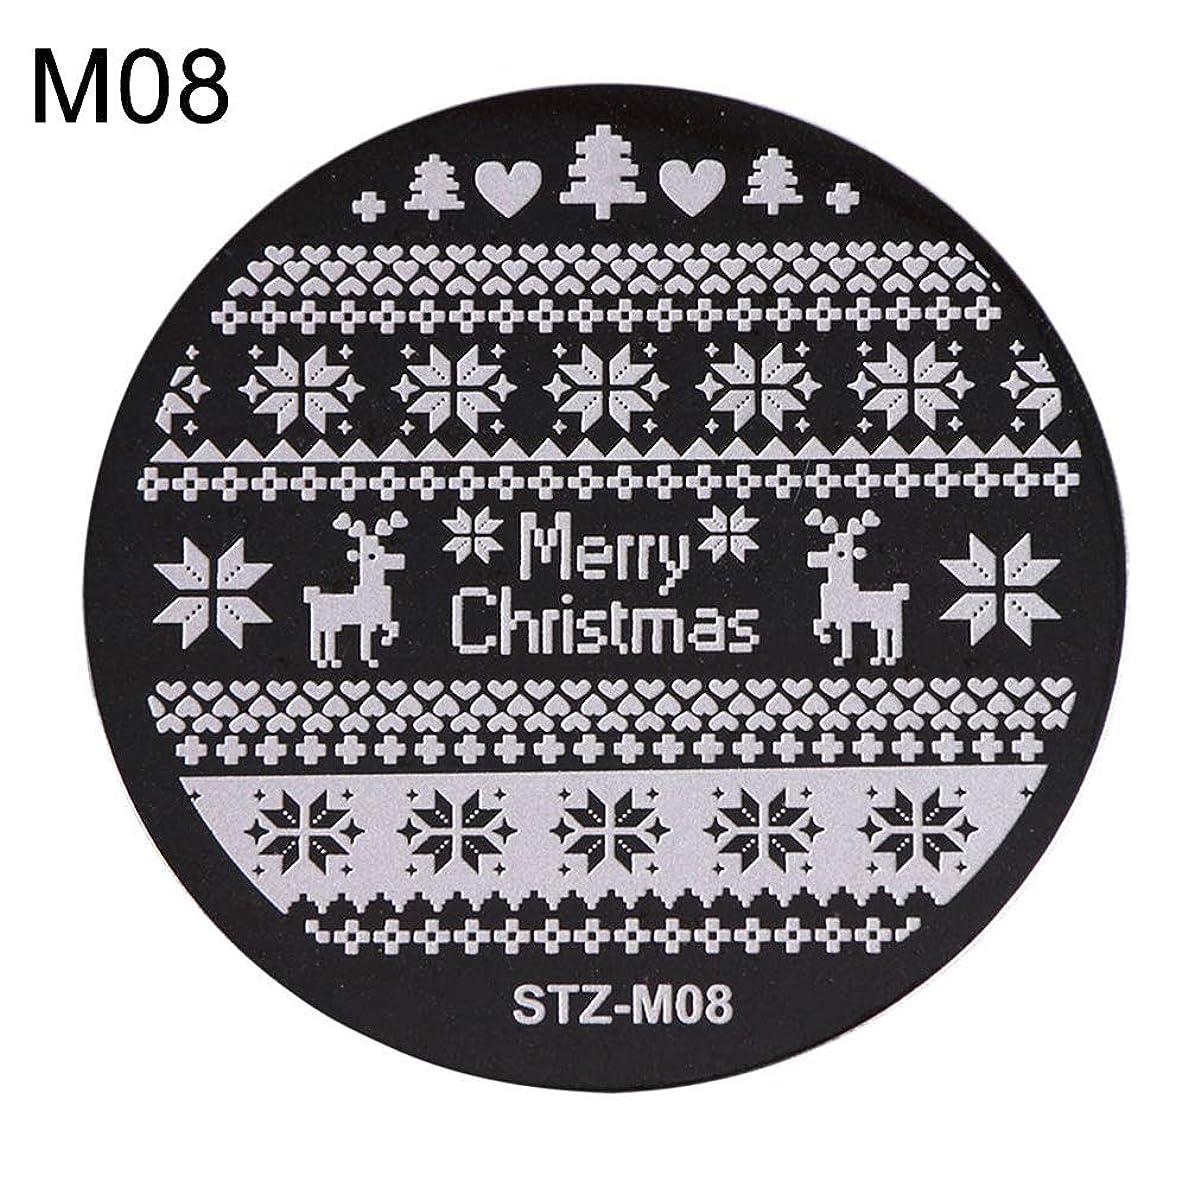 冷えるライブこどもの宮殿hamulekfae-クリスマススノーフレーク鹿の靴ネイルスタンピングプレートスタンプイメージテンプレートの装飾8